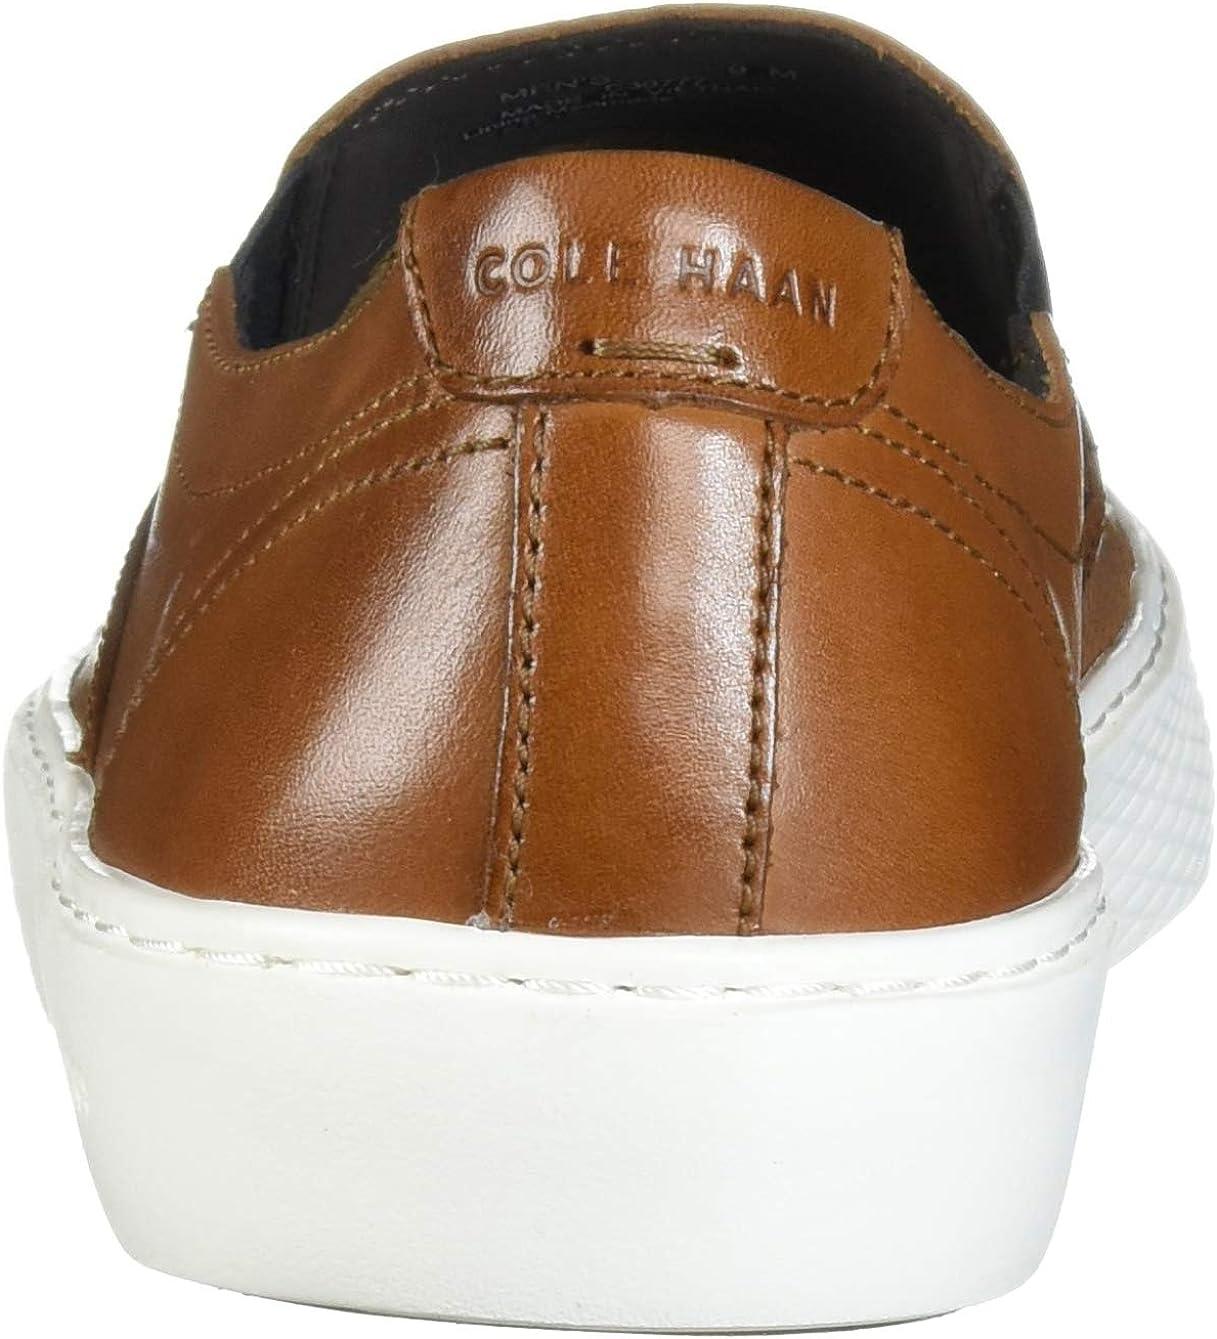 Cole Haan Men's Grandpro Deck Slip-on Sneaker British Tan Handstain Microperf